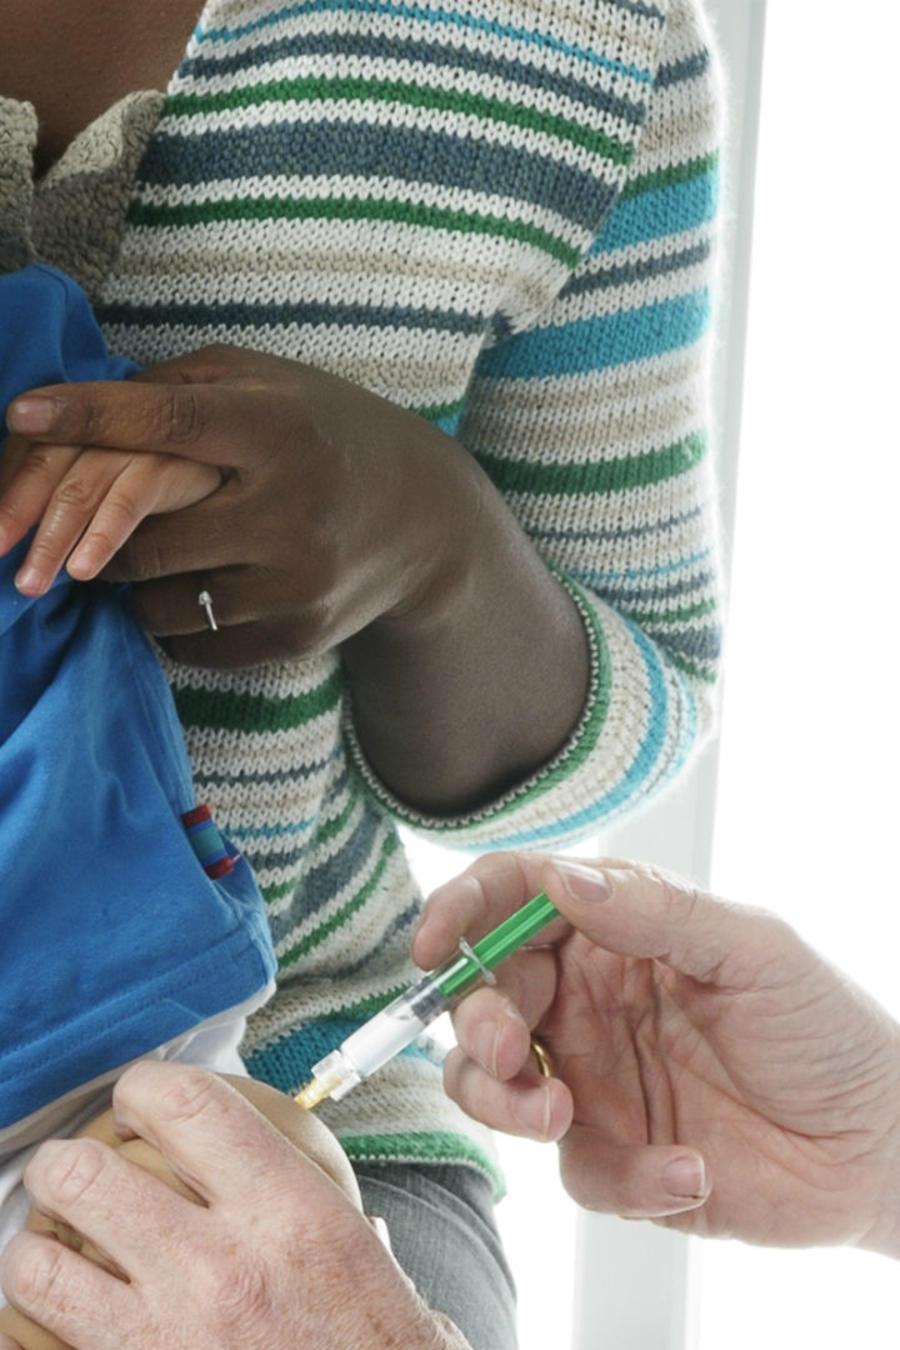 Bebé recibiendo una inyección